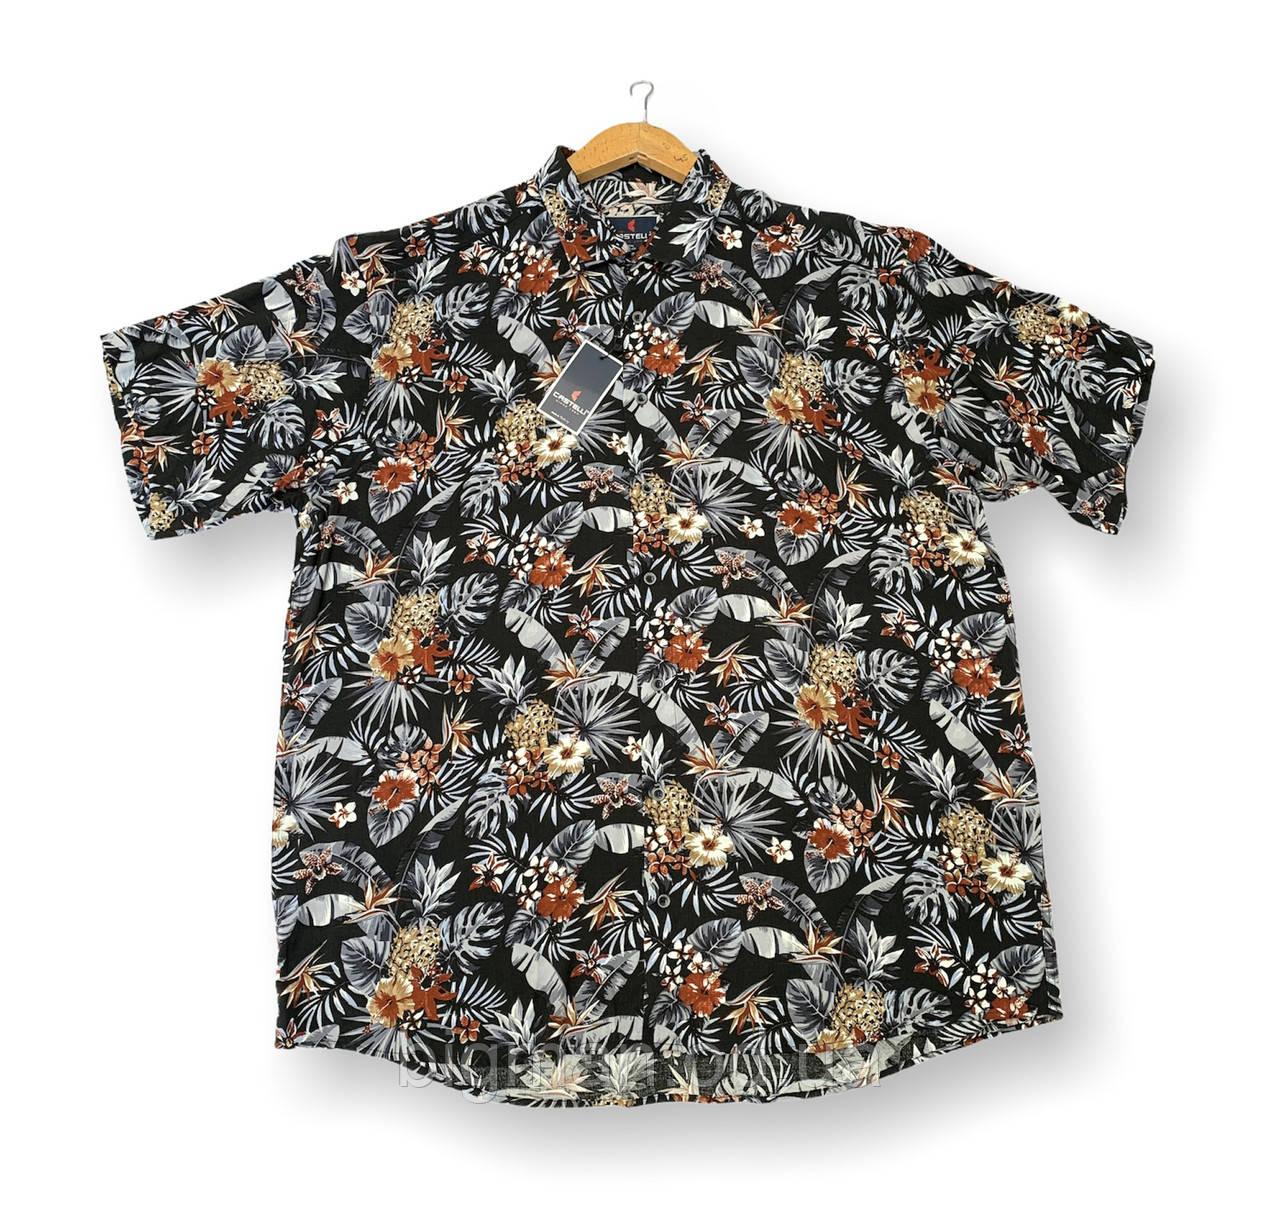 Чоловіча сорочка-гавайка з коротким рукавом батал чорна великі розміри (2XL 3XL 4XL 6XL)Туреччина Castelli